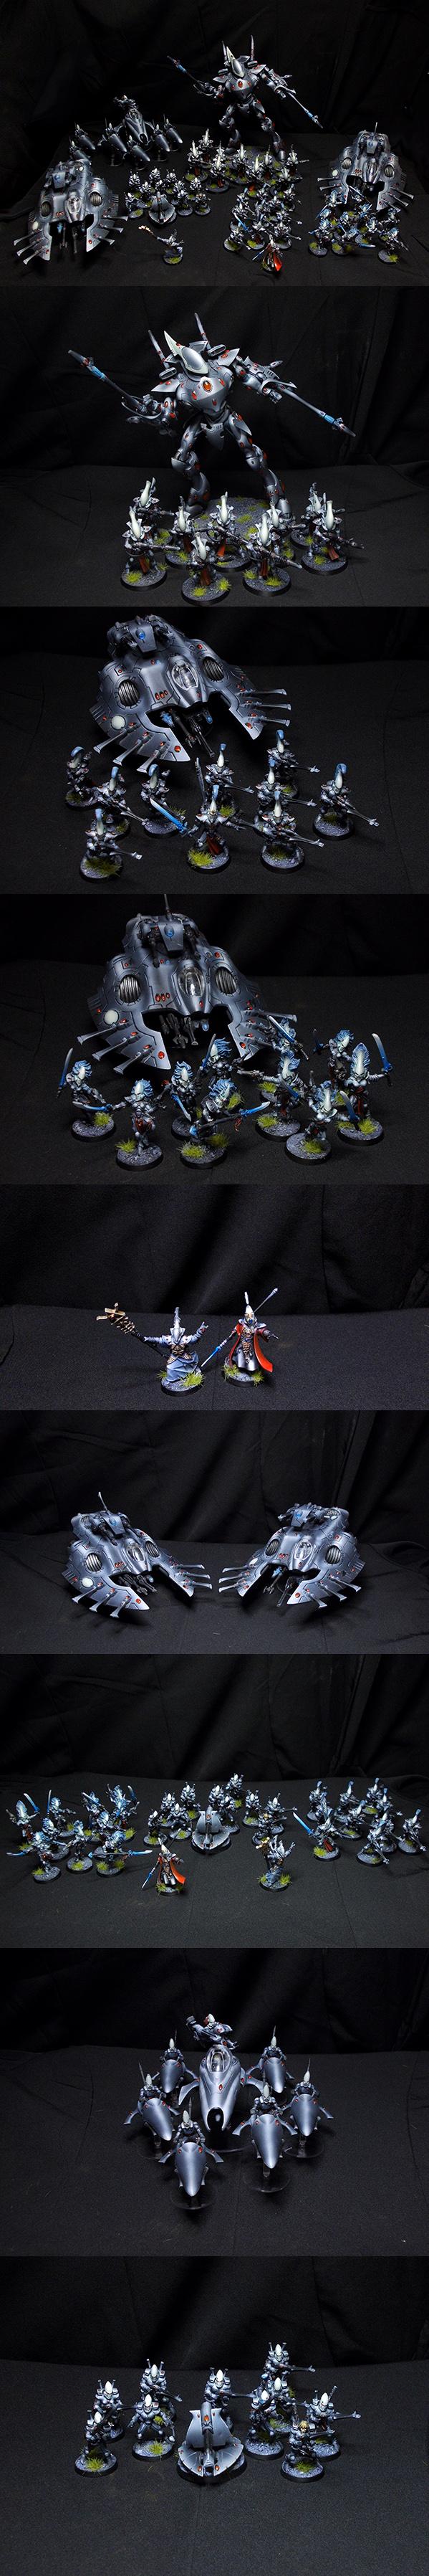 Eldar army by Hortarr on DeviantArt